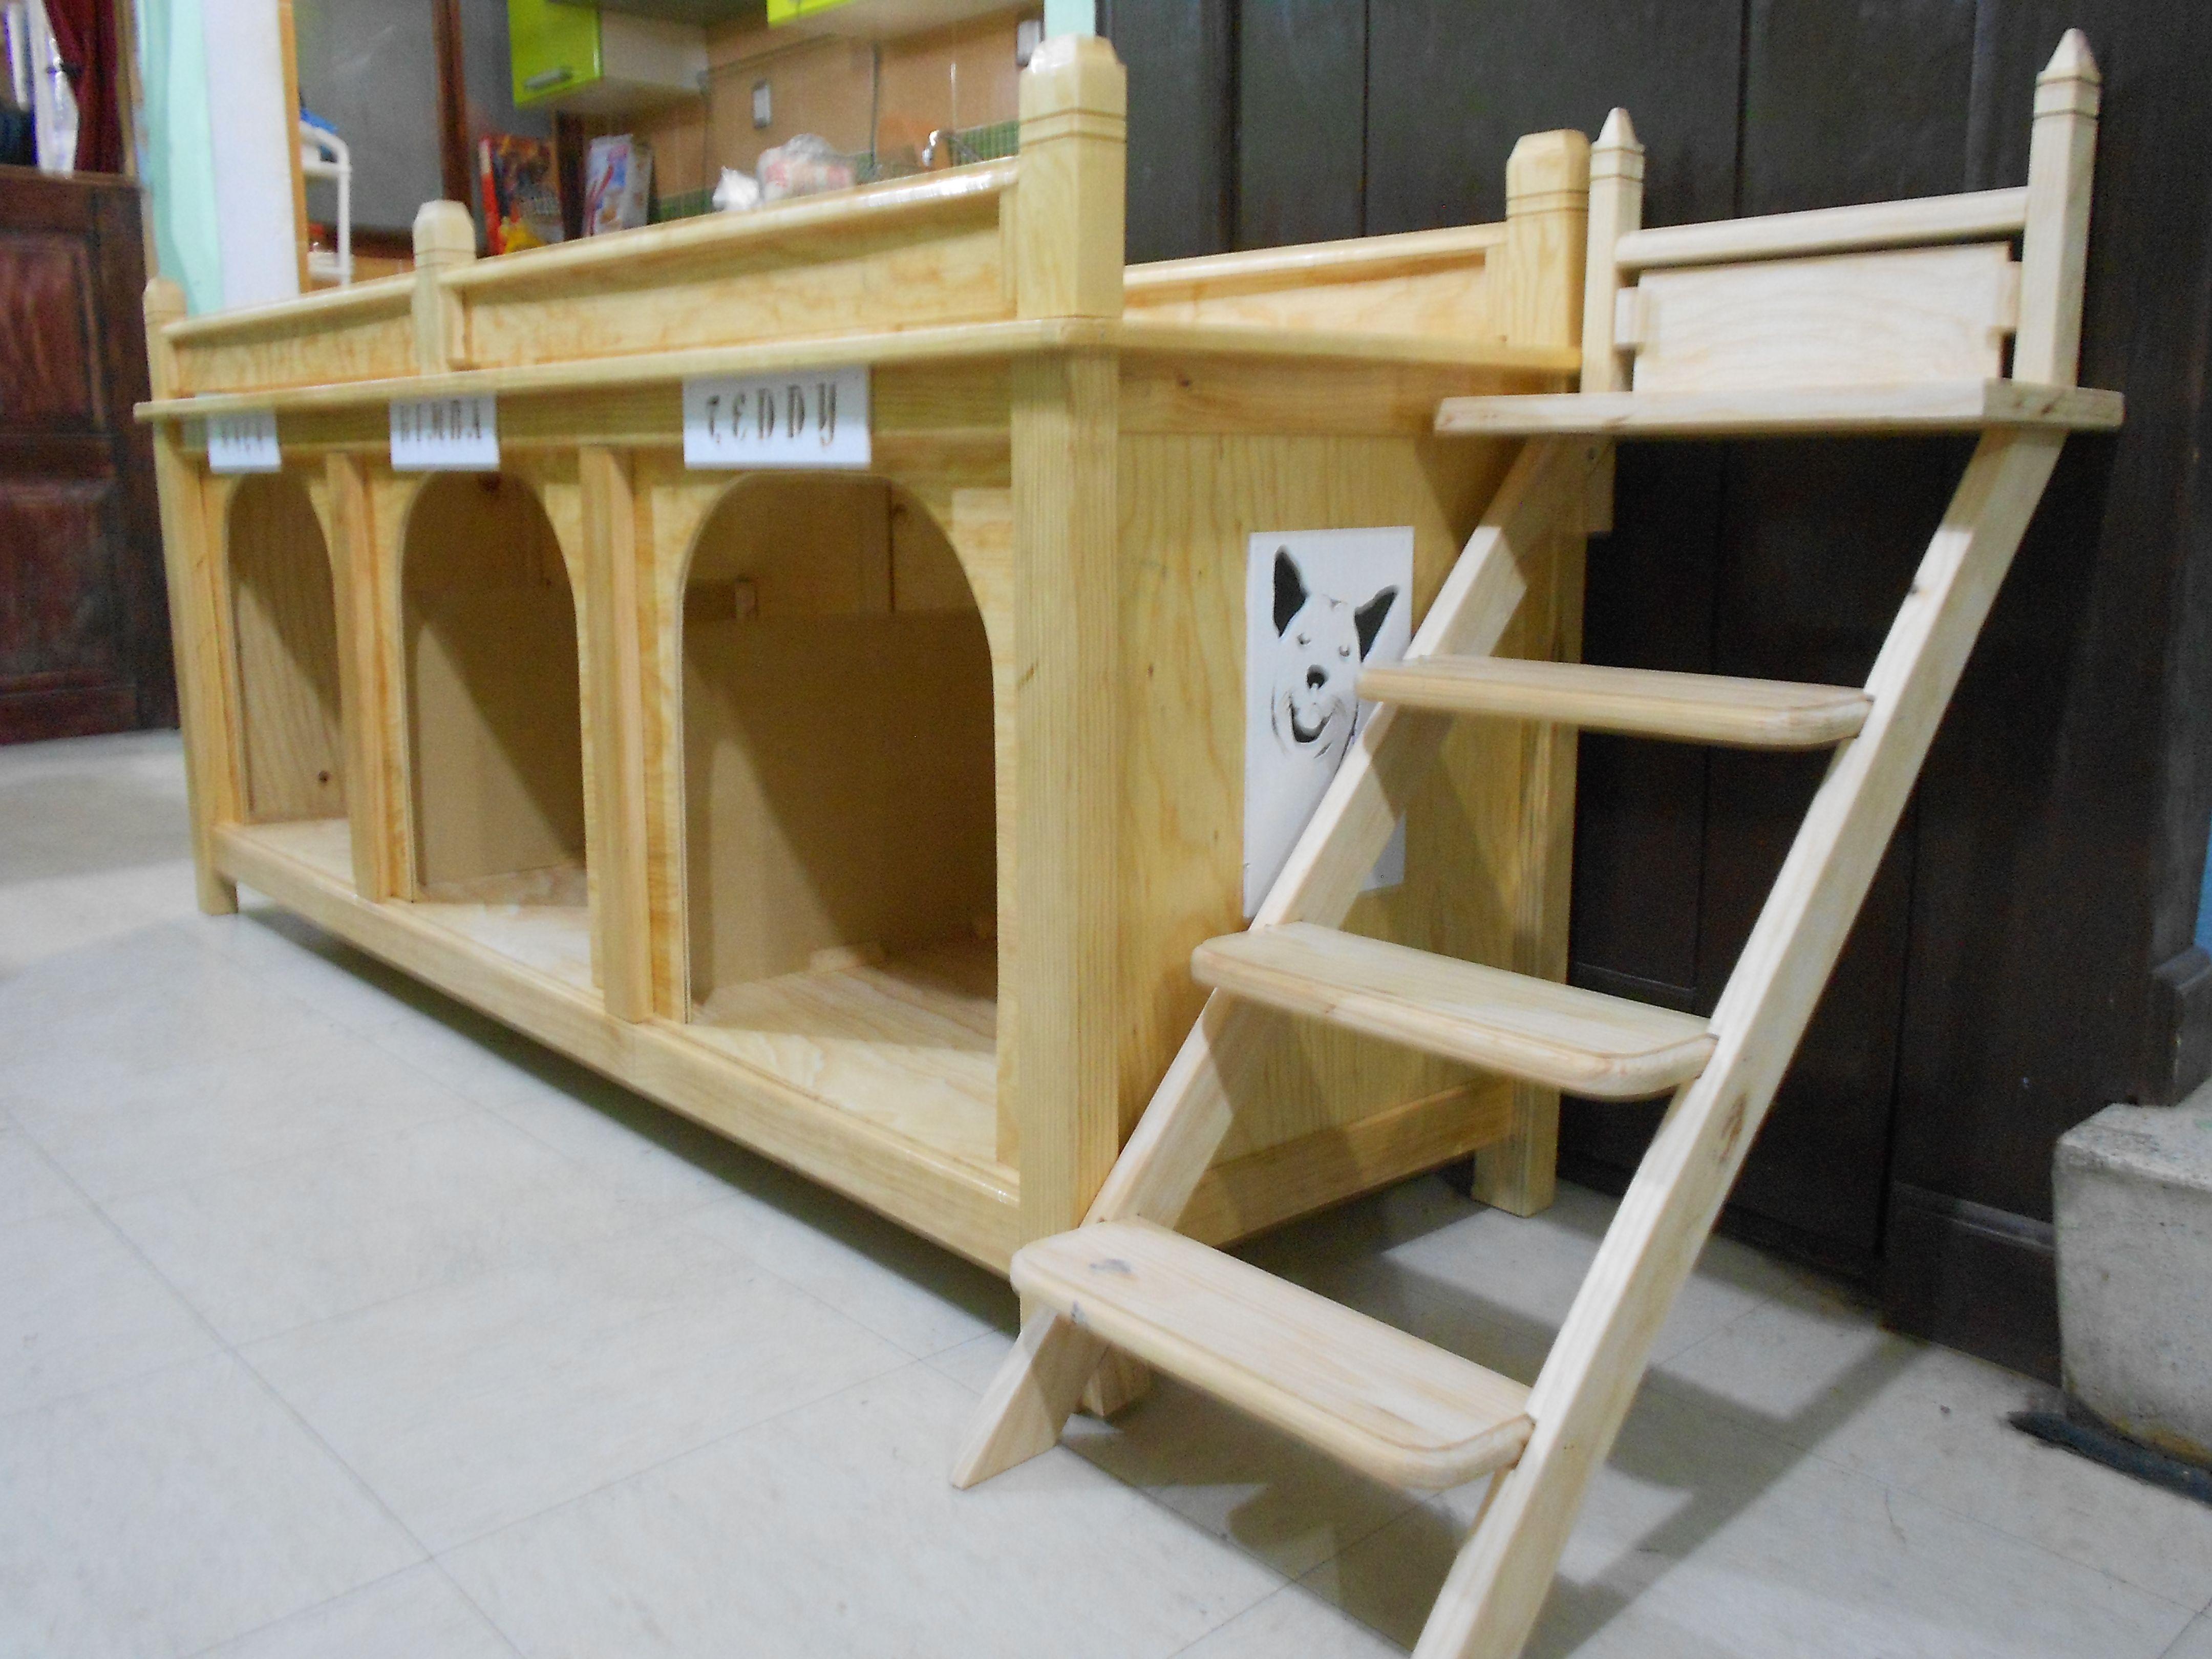 Casas y condominios para perros quieres ver m s - Carpinteria casas ...